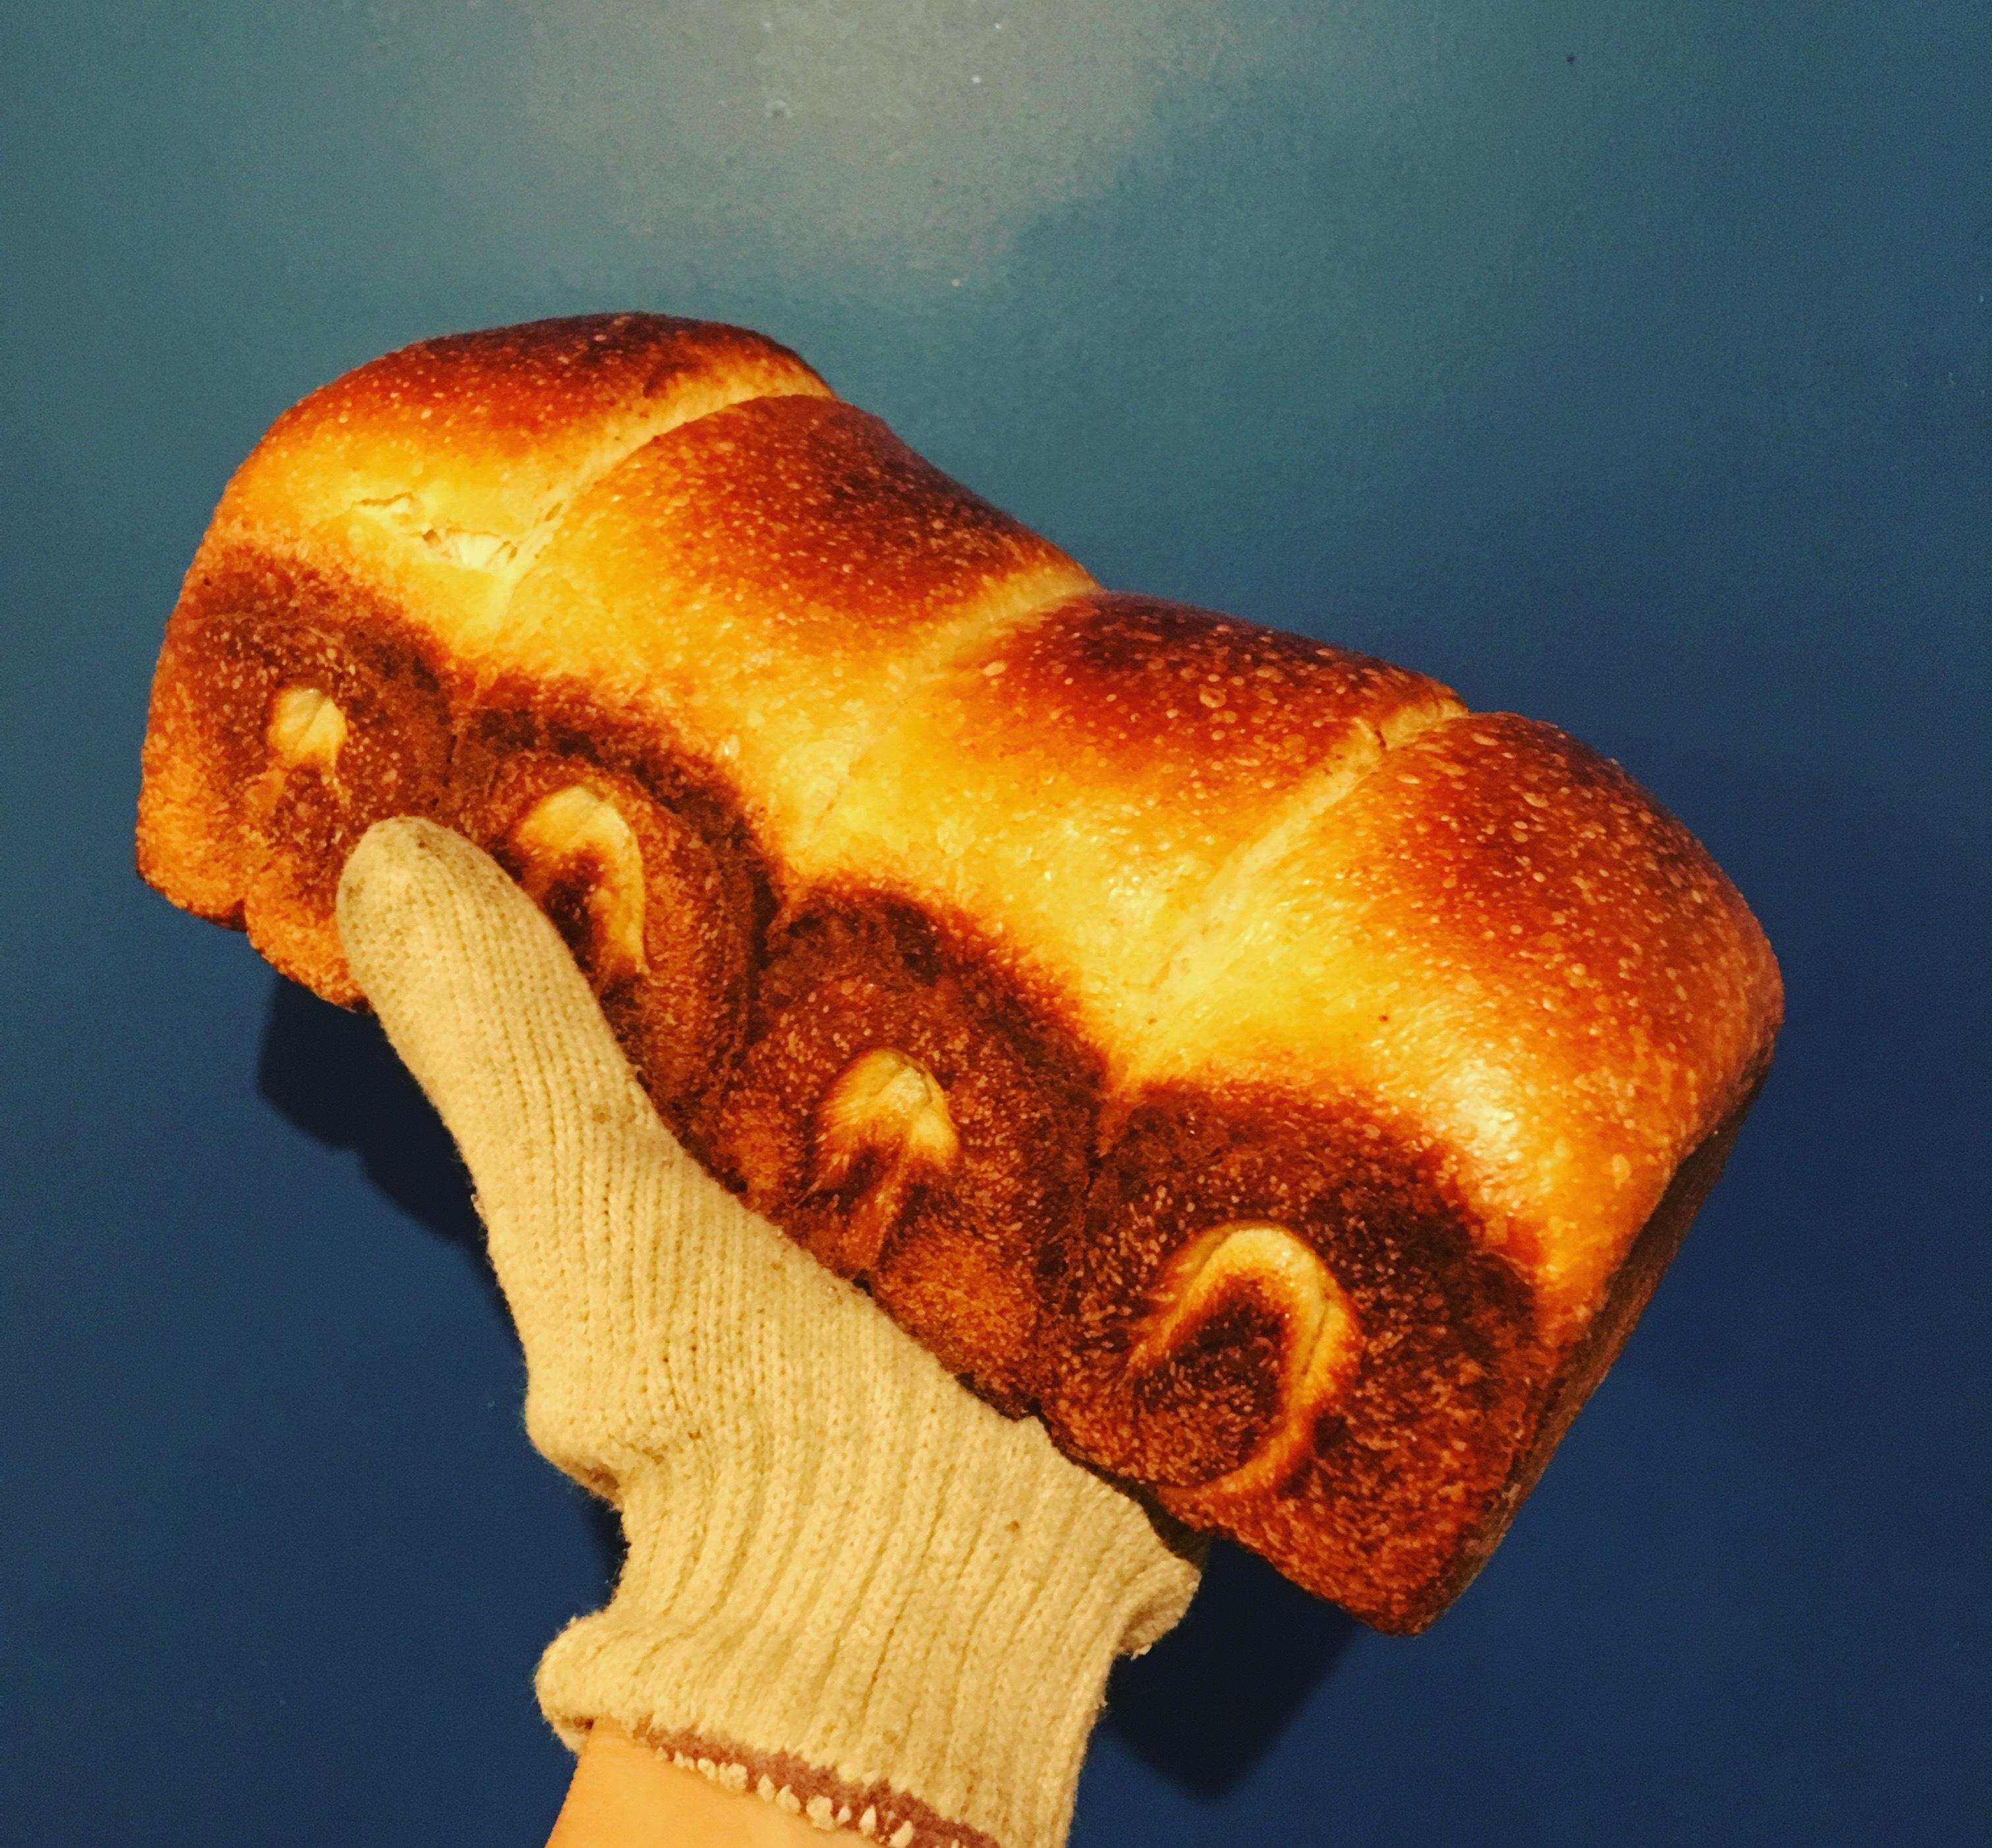 【お試しにぴったり】プレーンセット Plain Bread